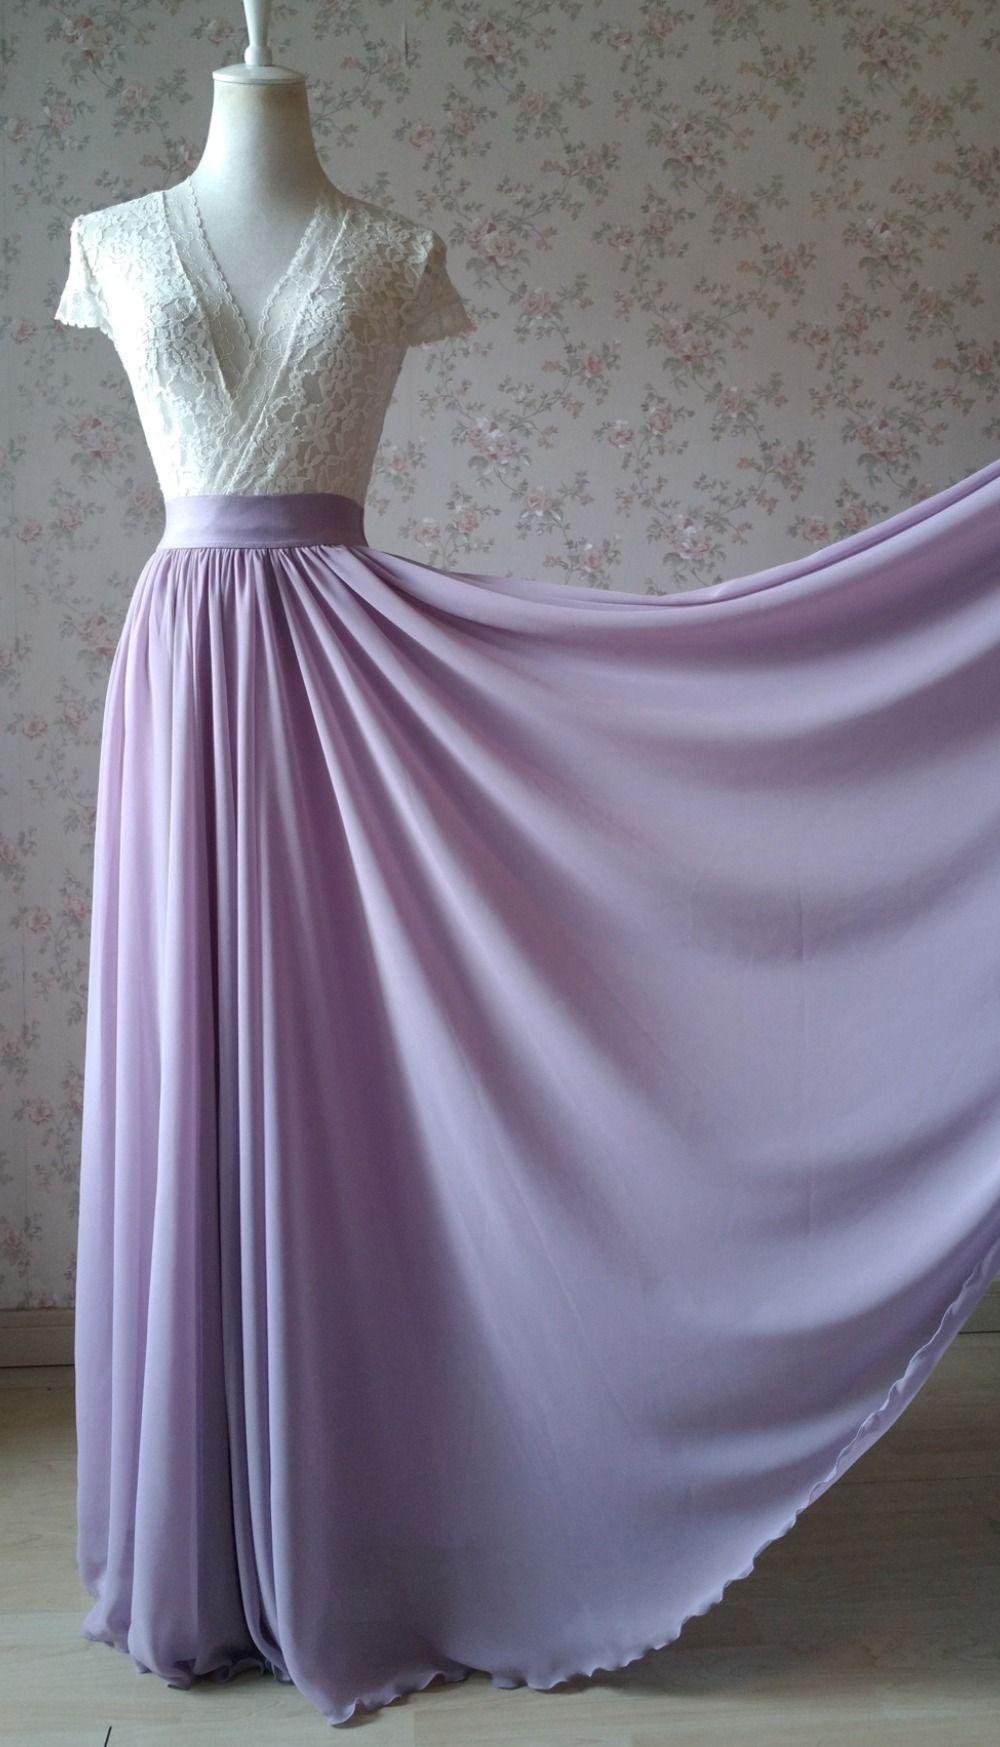 Vrouwen hoge taille maxi chiffon rok zomer bruiloft bruidsmeisje chiffon rokken plus size